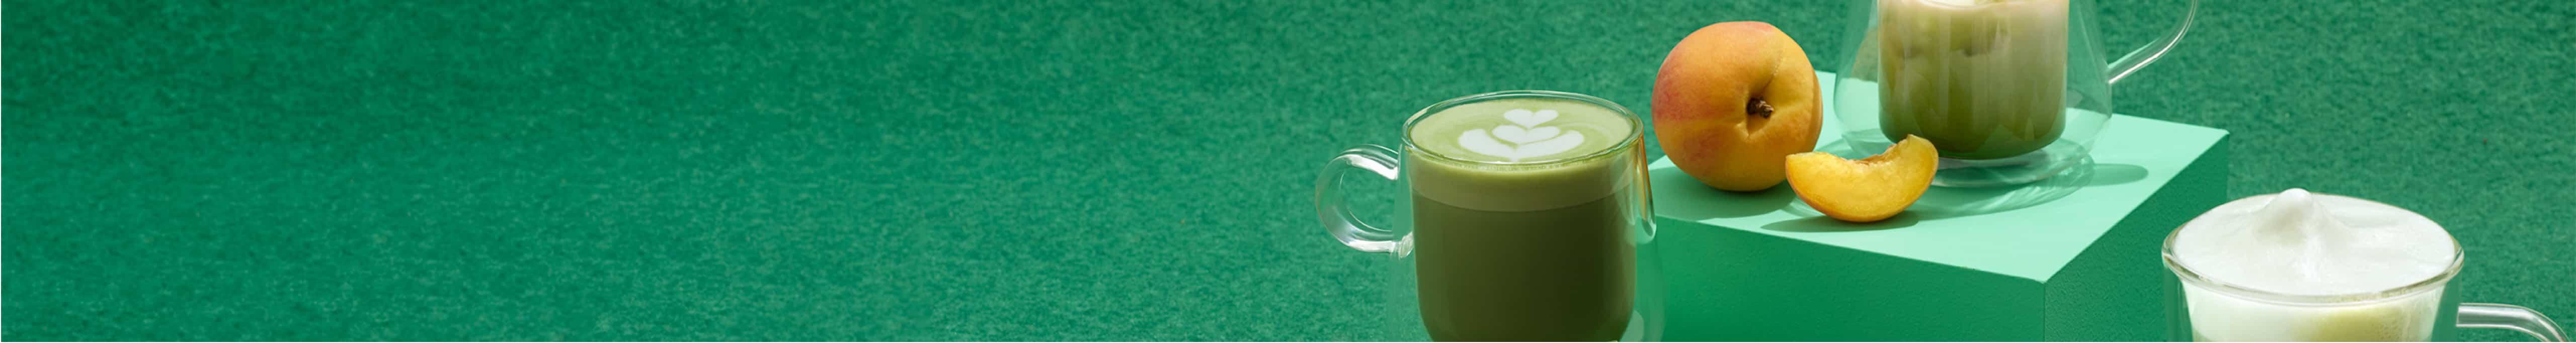 Tasses 12 oz en céramique remplies de thé matcha, fouet à matcha en bambou, cuillère en bambou et bol avec poudre de matcha.